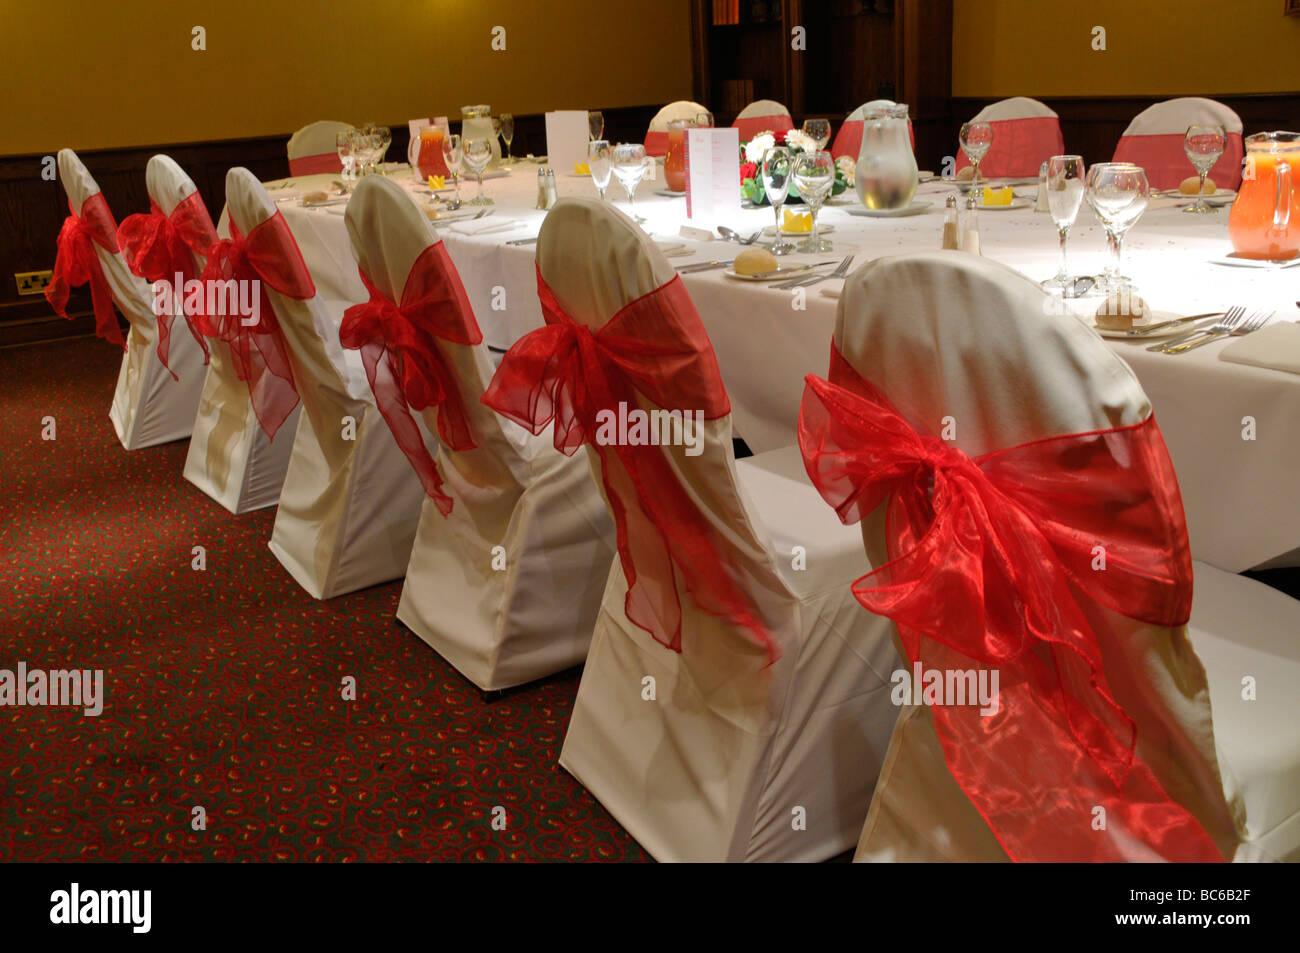 Un mariage table à manger et chaises. Photo Stock